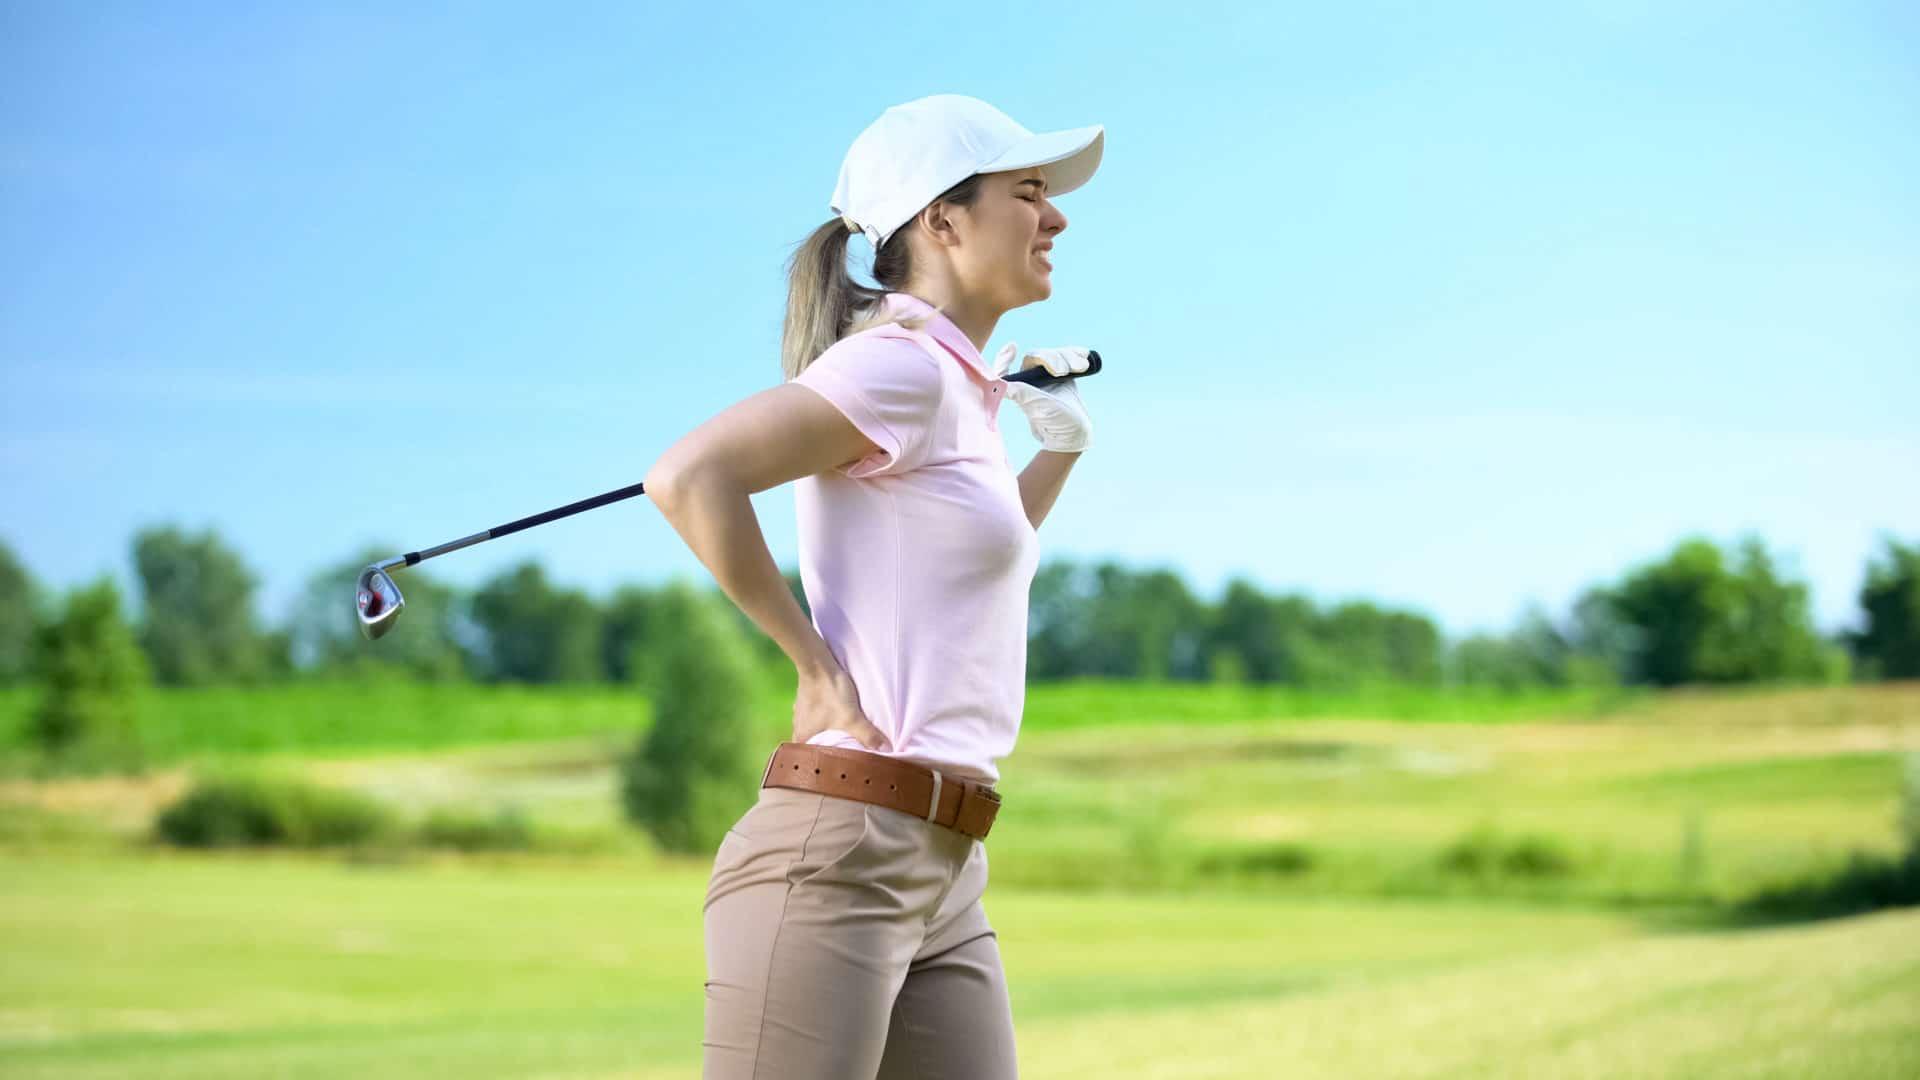 Wie golfverletzung behandeln Mentalchoach golf